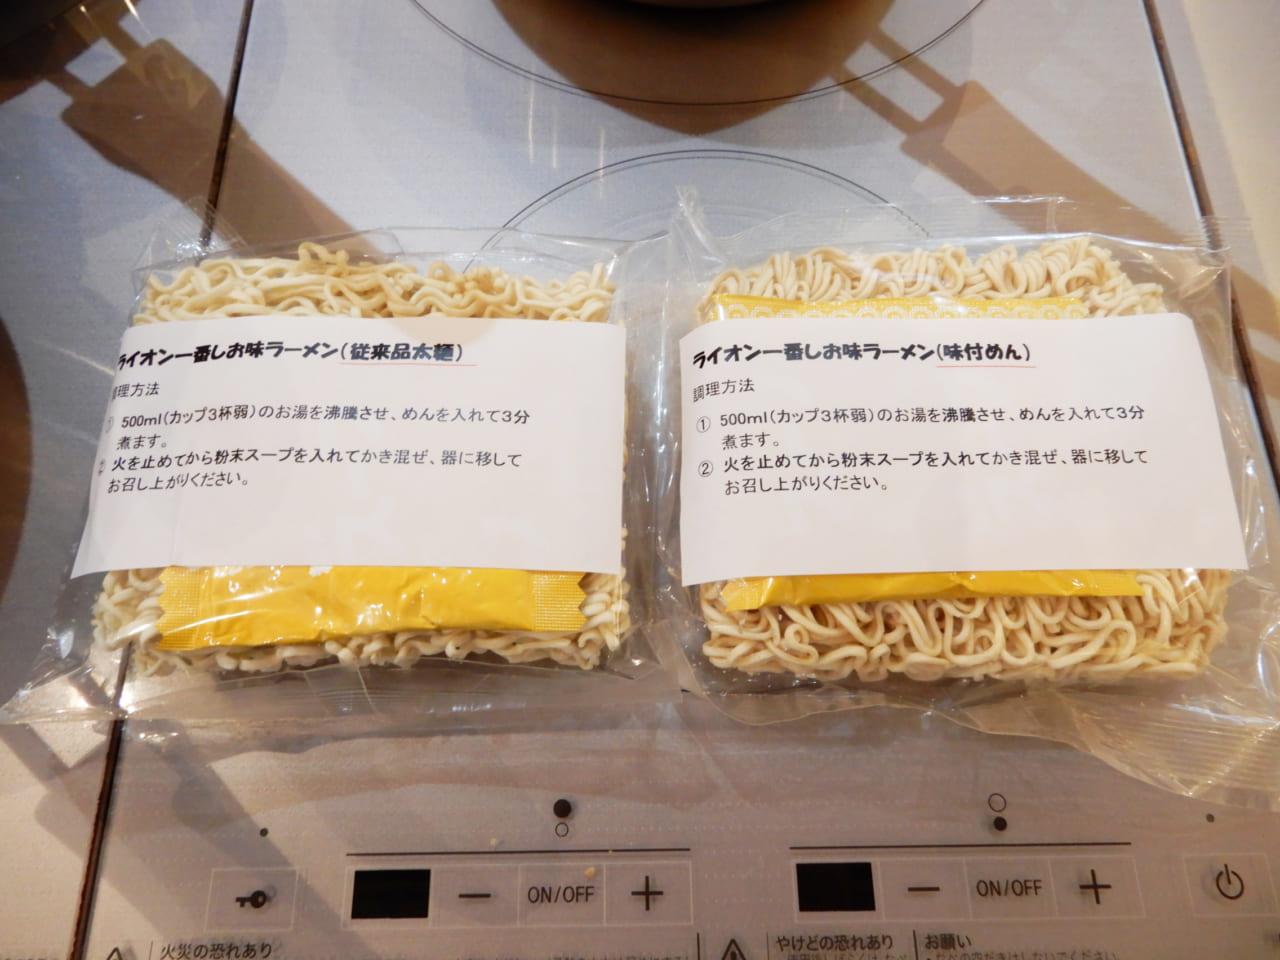 ヒロセ通商キャンペーンラーメン